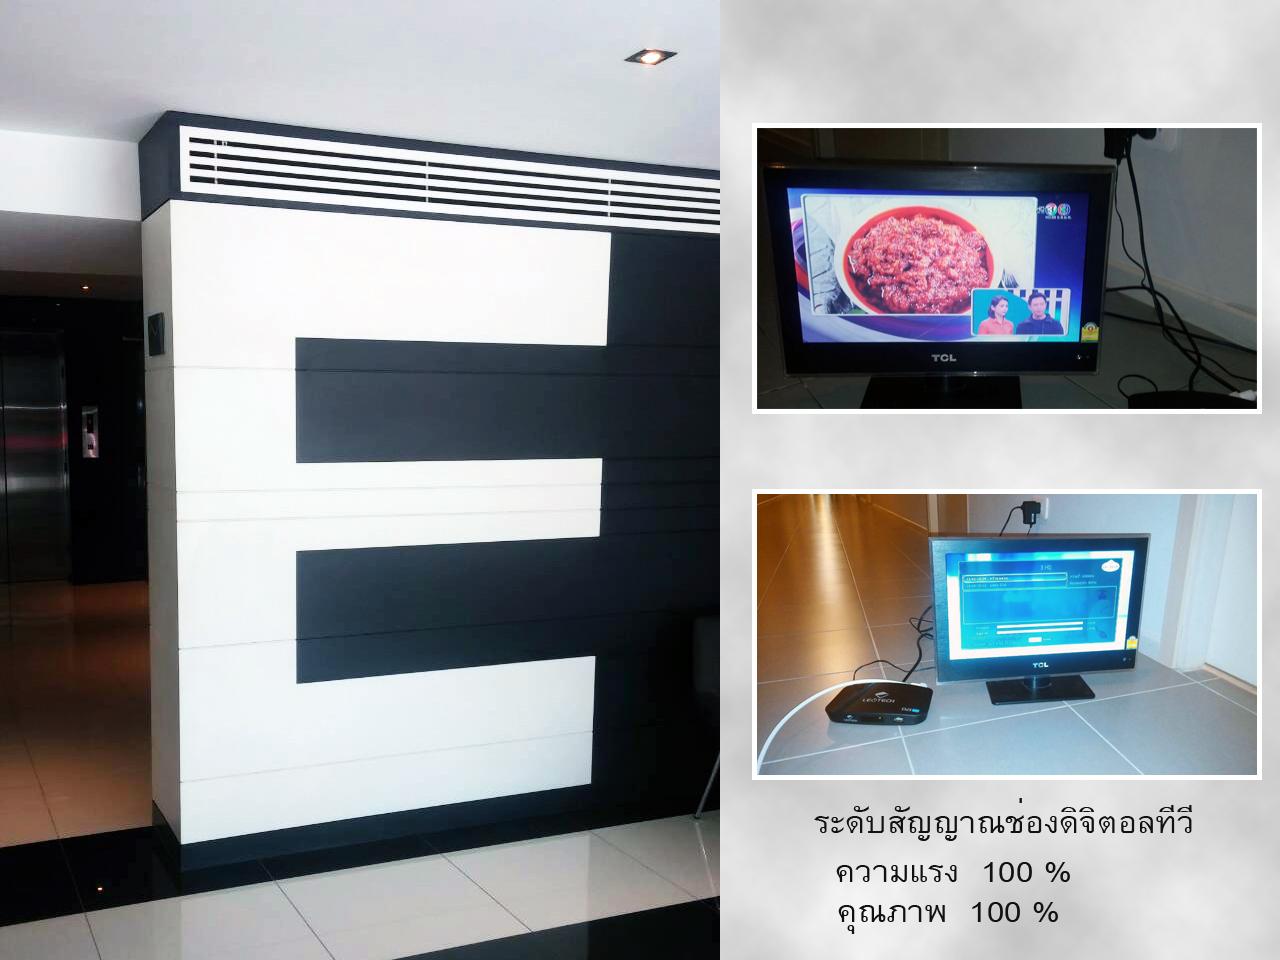 ทดสัญญาณดิจิตอลทีวี ที่อาคาร E